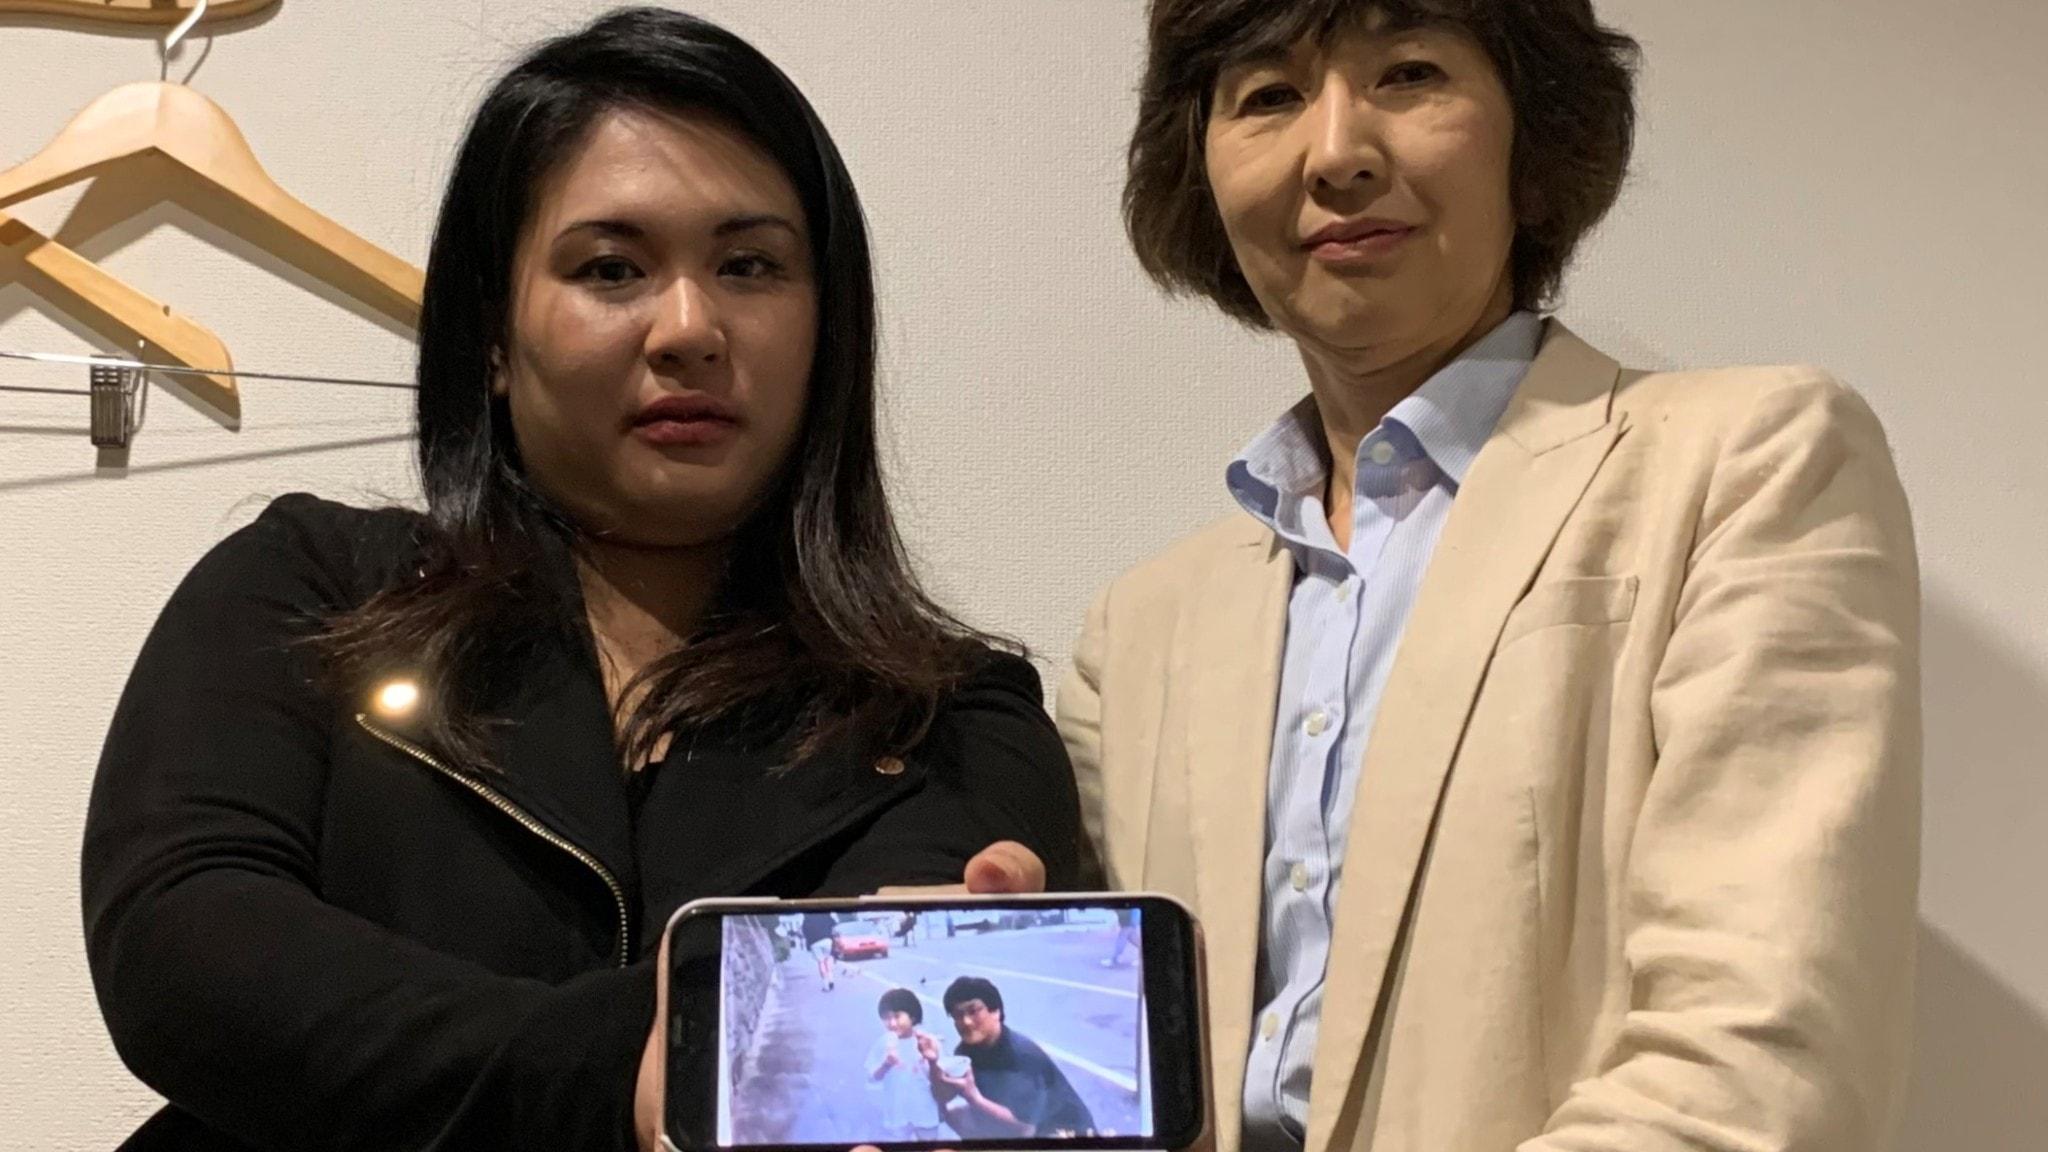 Två japanska kvinnor visar en bild på en pappa och en liten flicka i en mobil